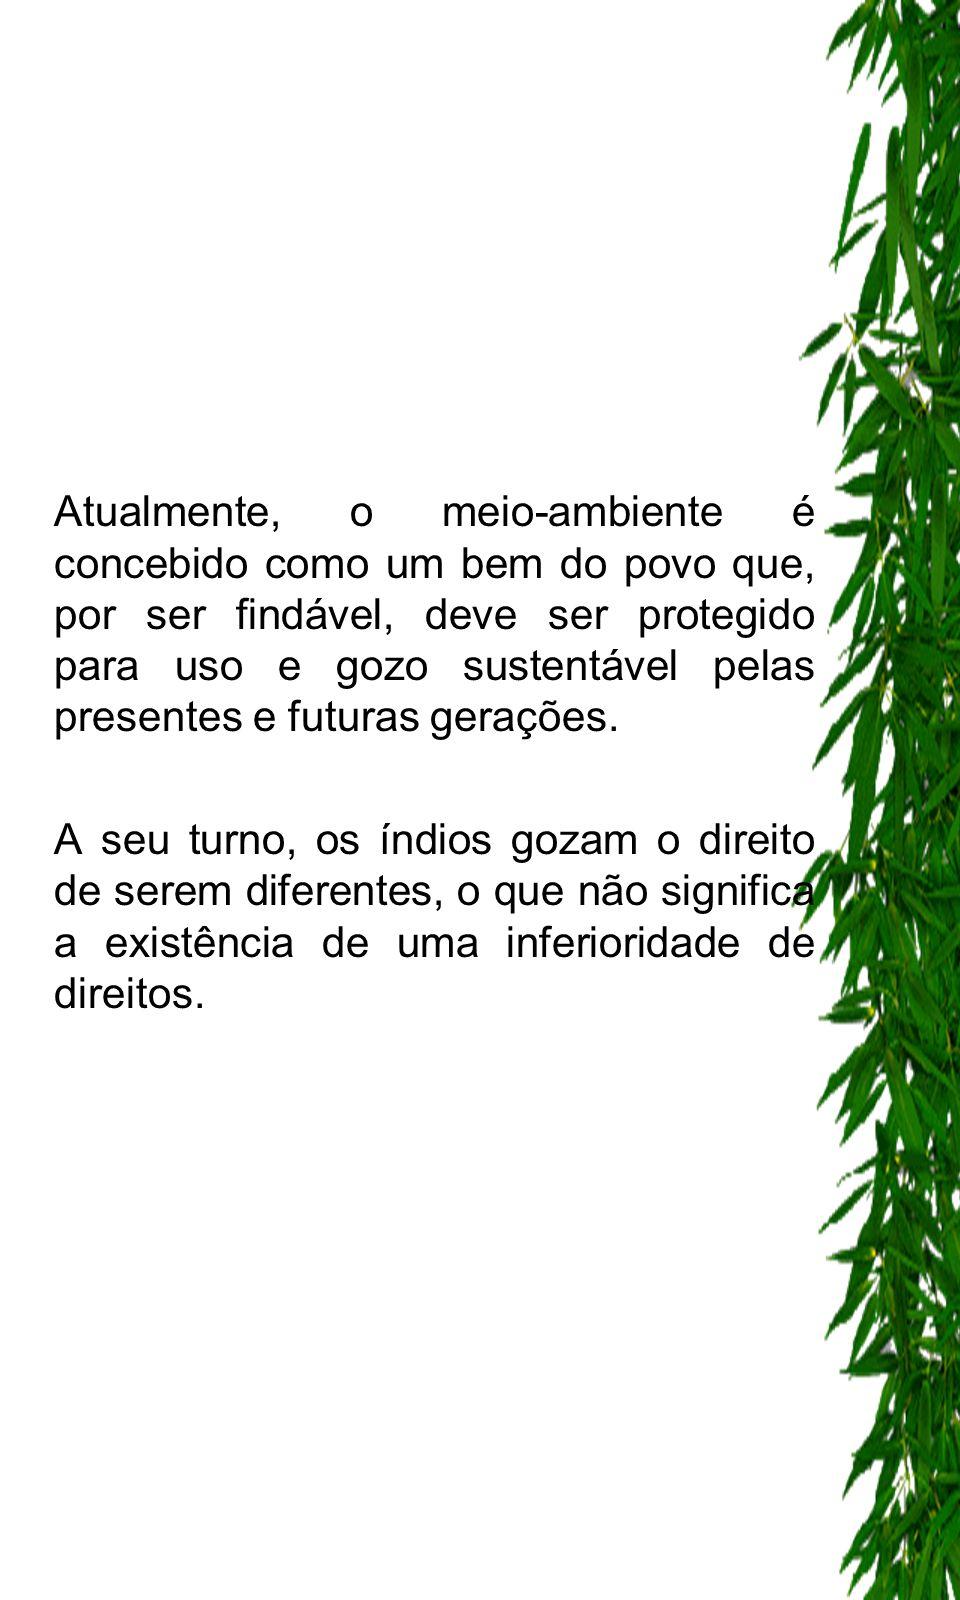 - Ao contrário,o direito à diferença explicita que aos indígenas não podem ser negados direitos deferidos aos cidadãos brasileiros, impondo seja a eles assegurado os diversos direitos decorrentes de sua peculiar situação.